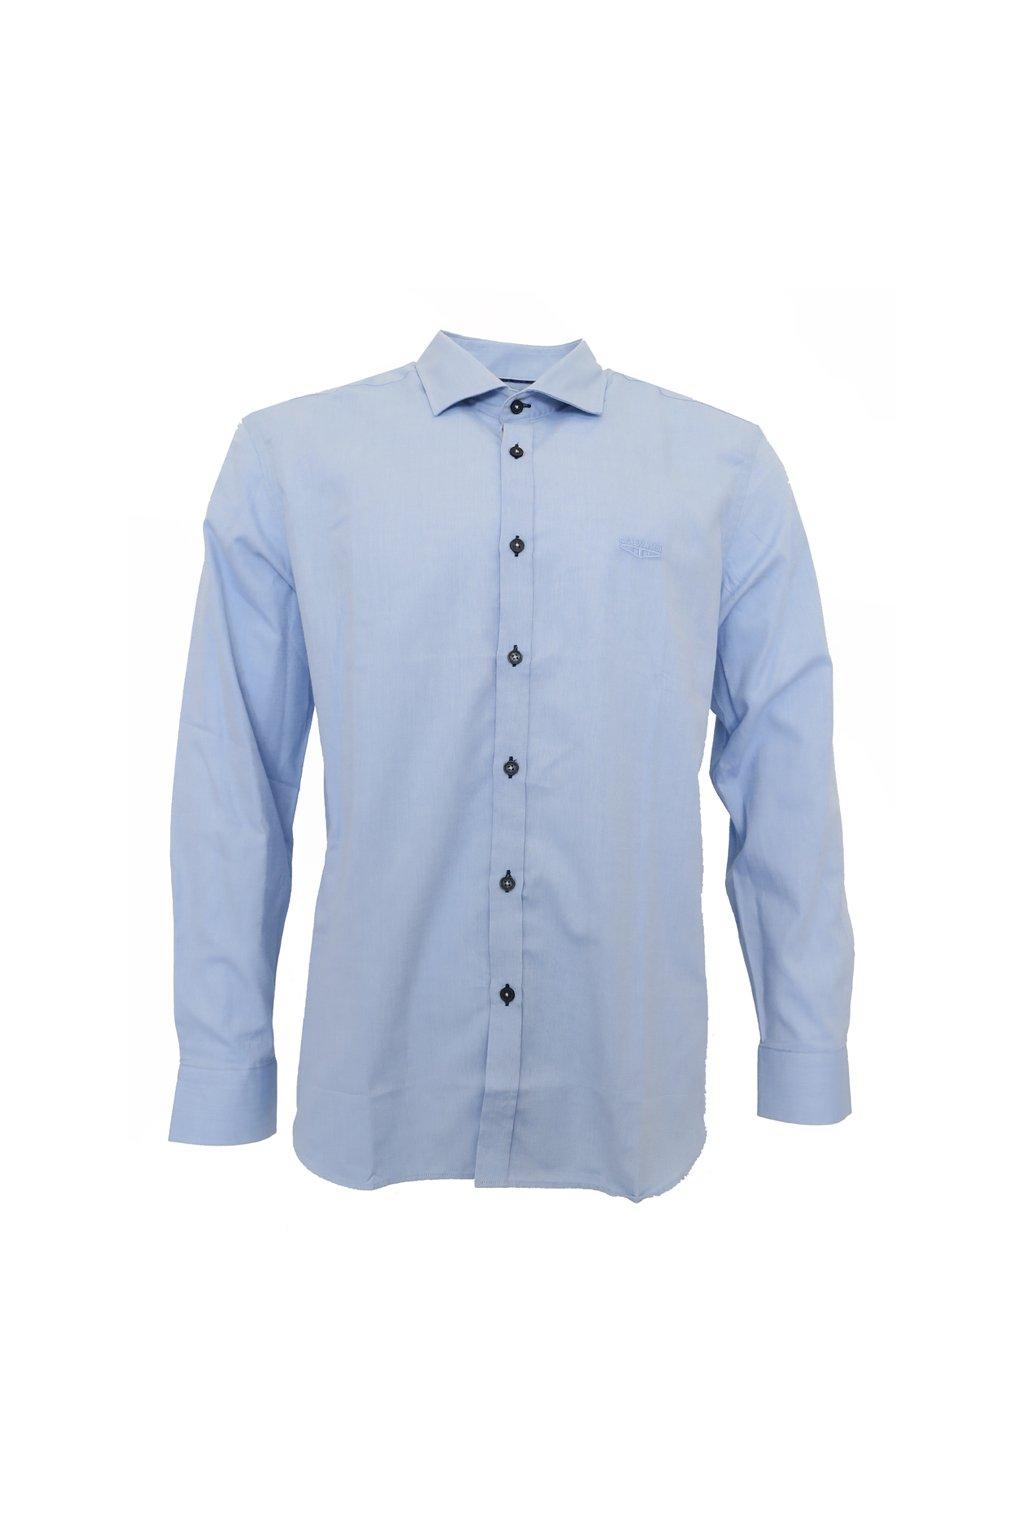 Galvanni košile modrá s černými knoflíčky